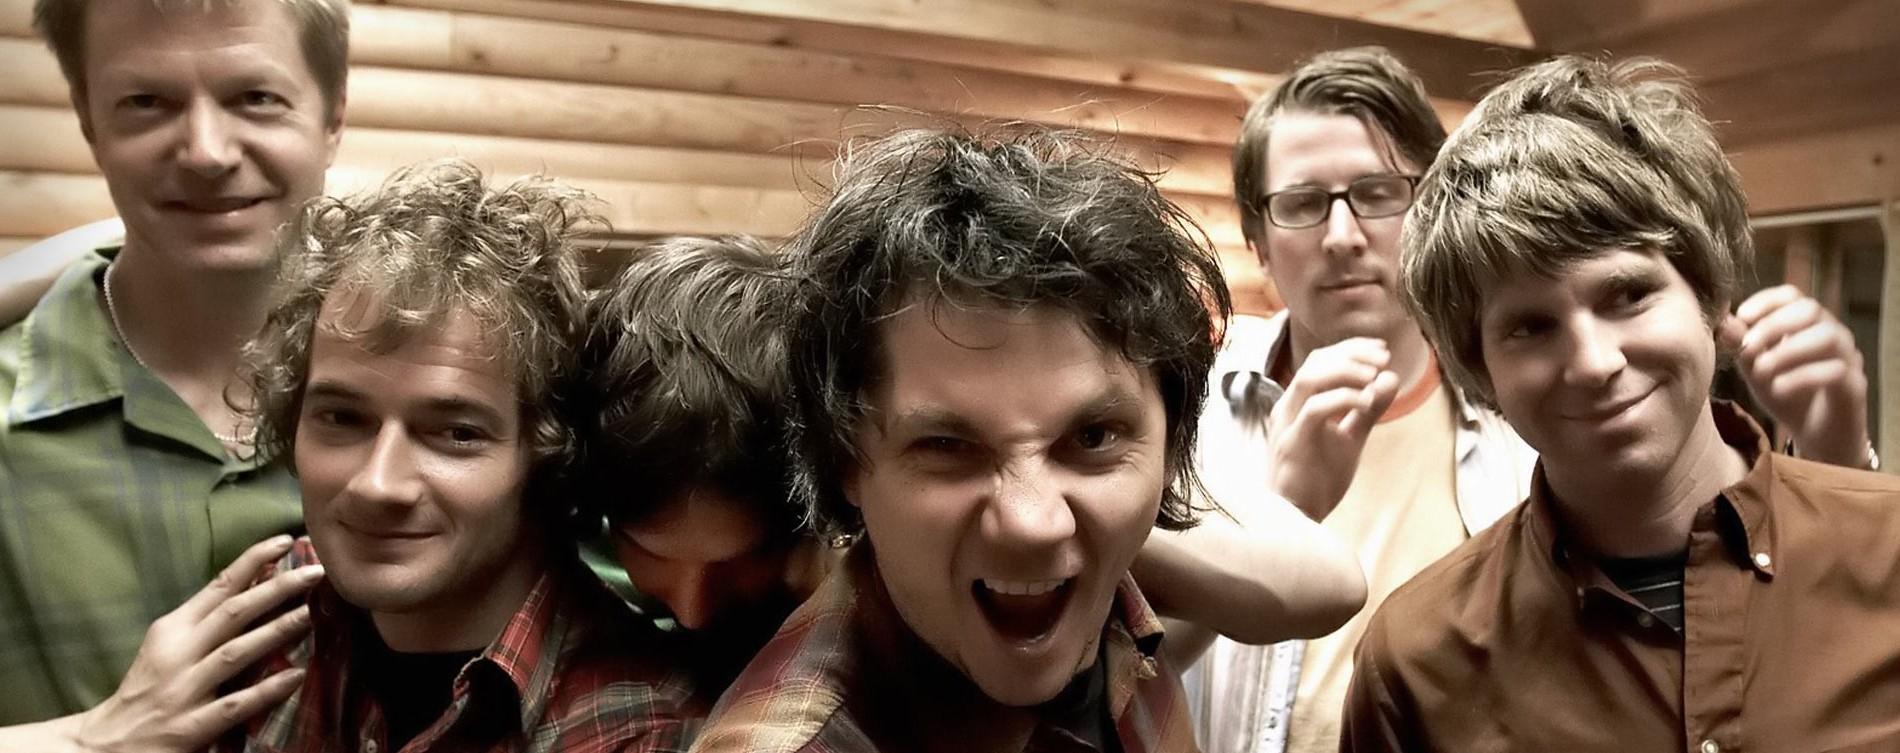 Plaat van de week: Wilco – I Got You (At the End of the Century)